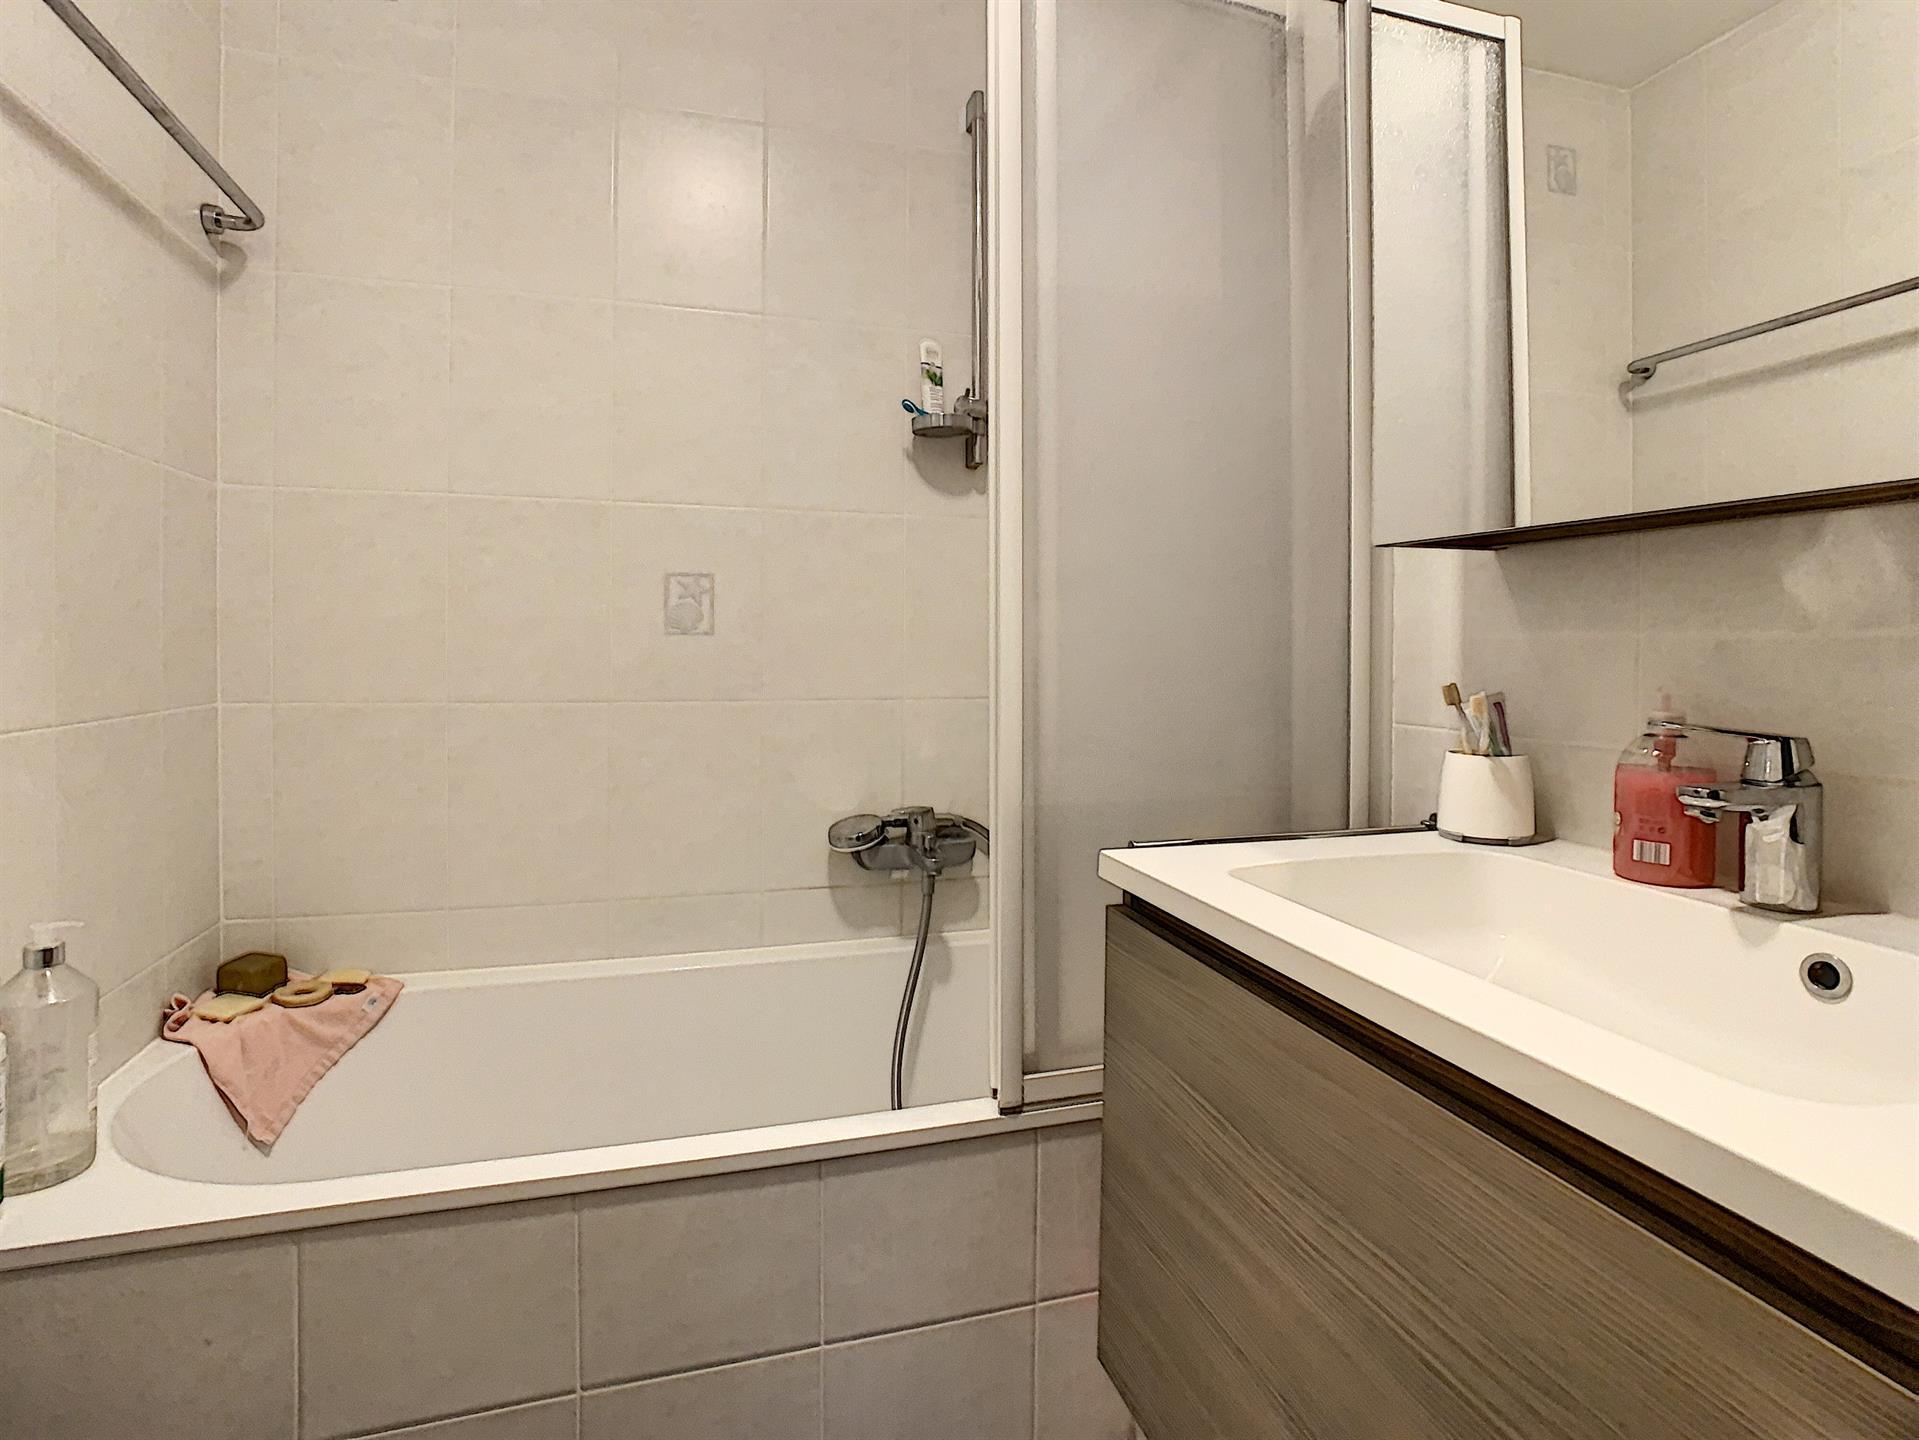 Appartement - Etterbeek - #4418245-5